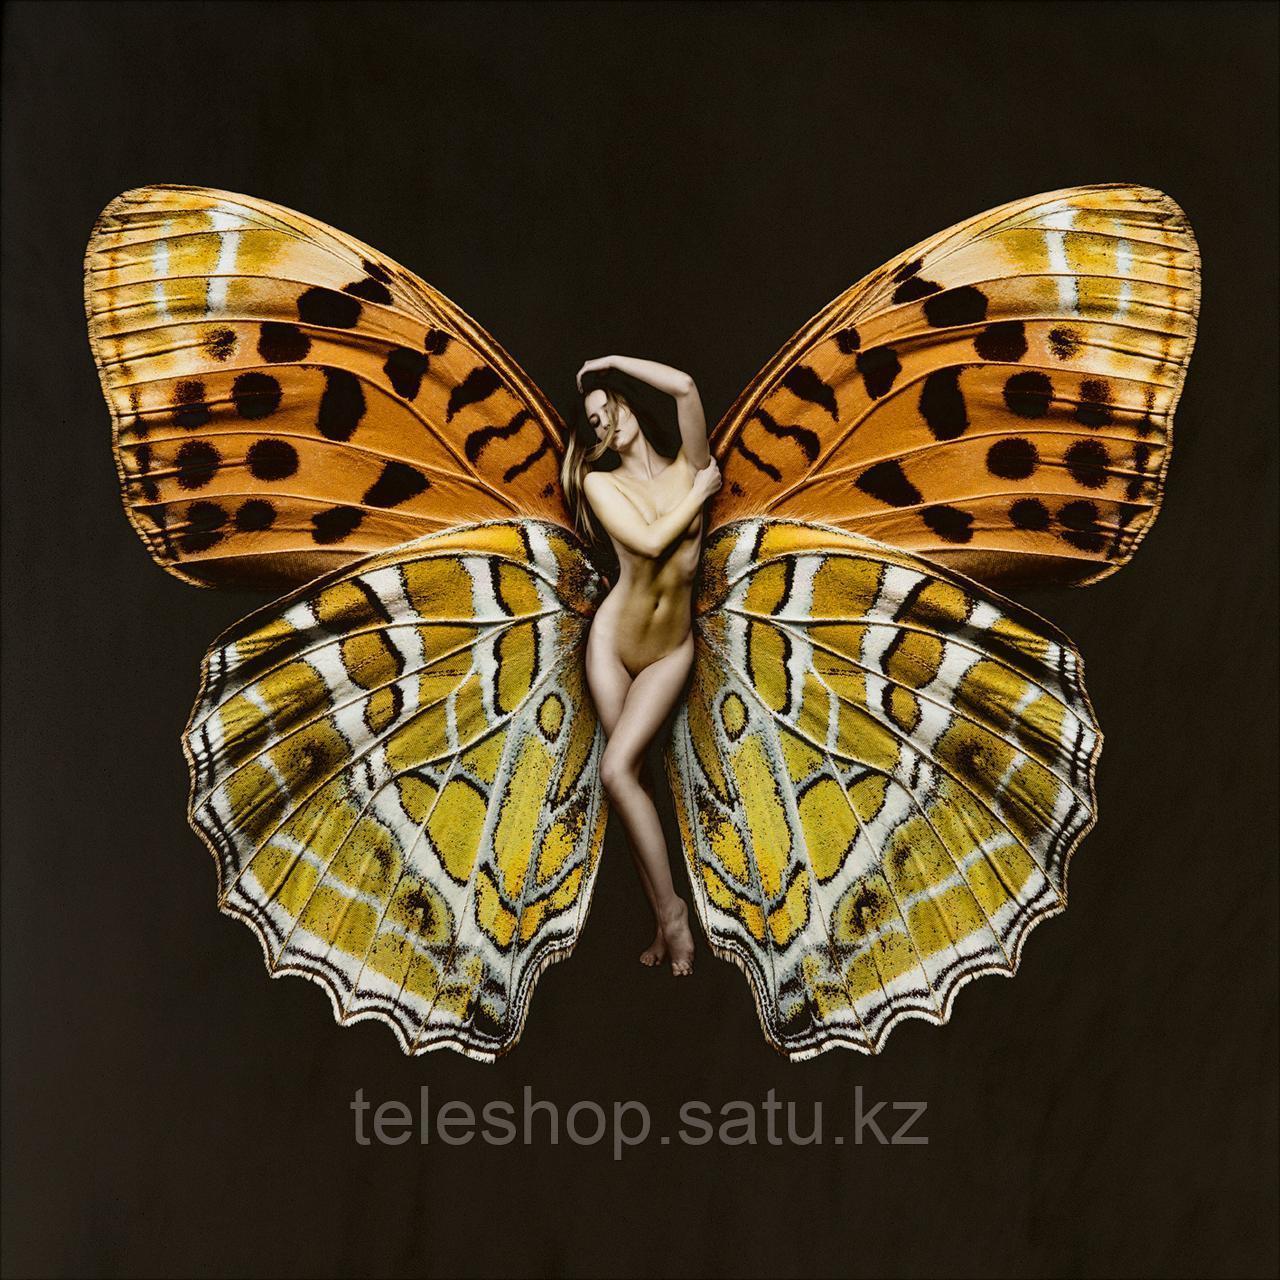 Ночная бабочка, лучший возбудитель для женщин, 4 шт